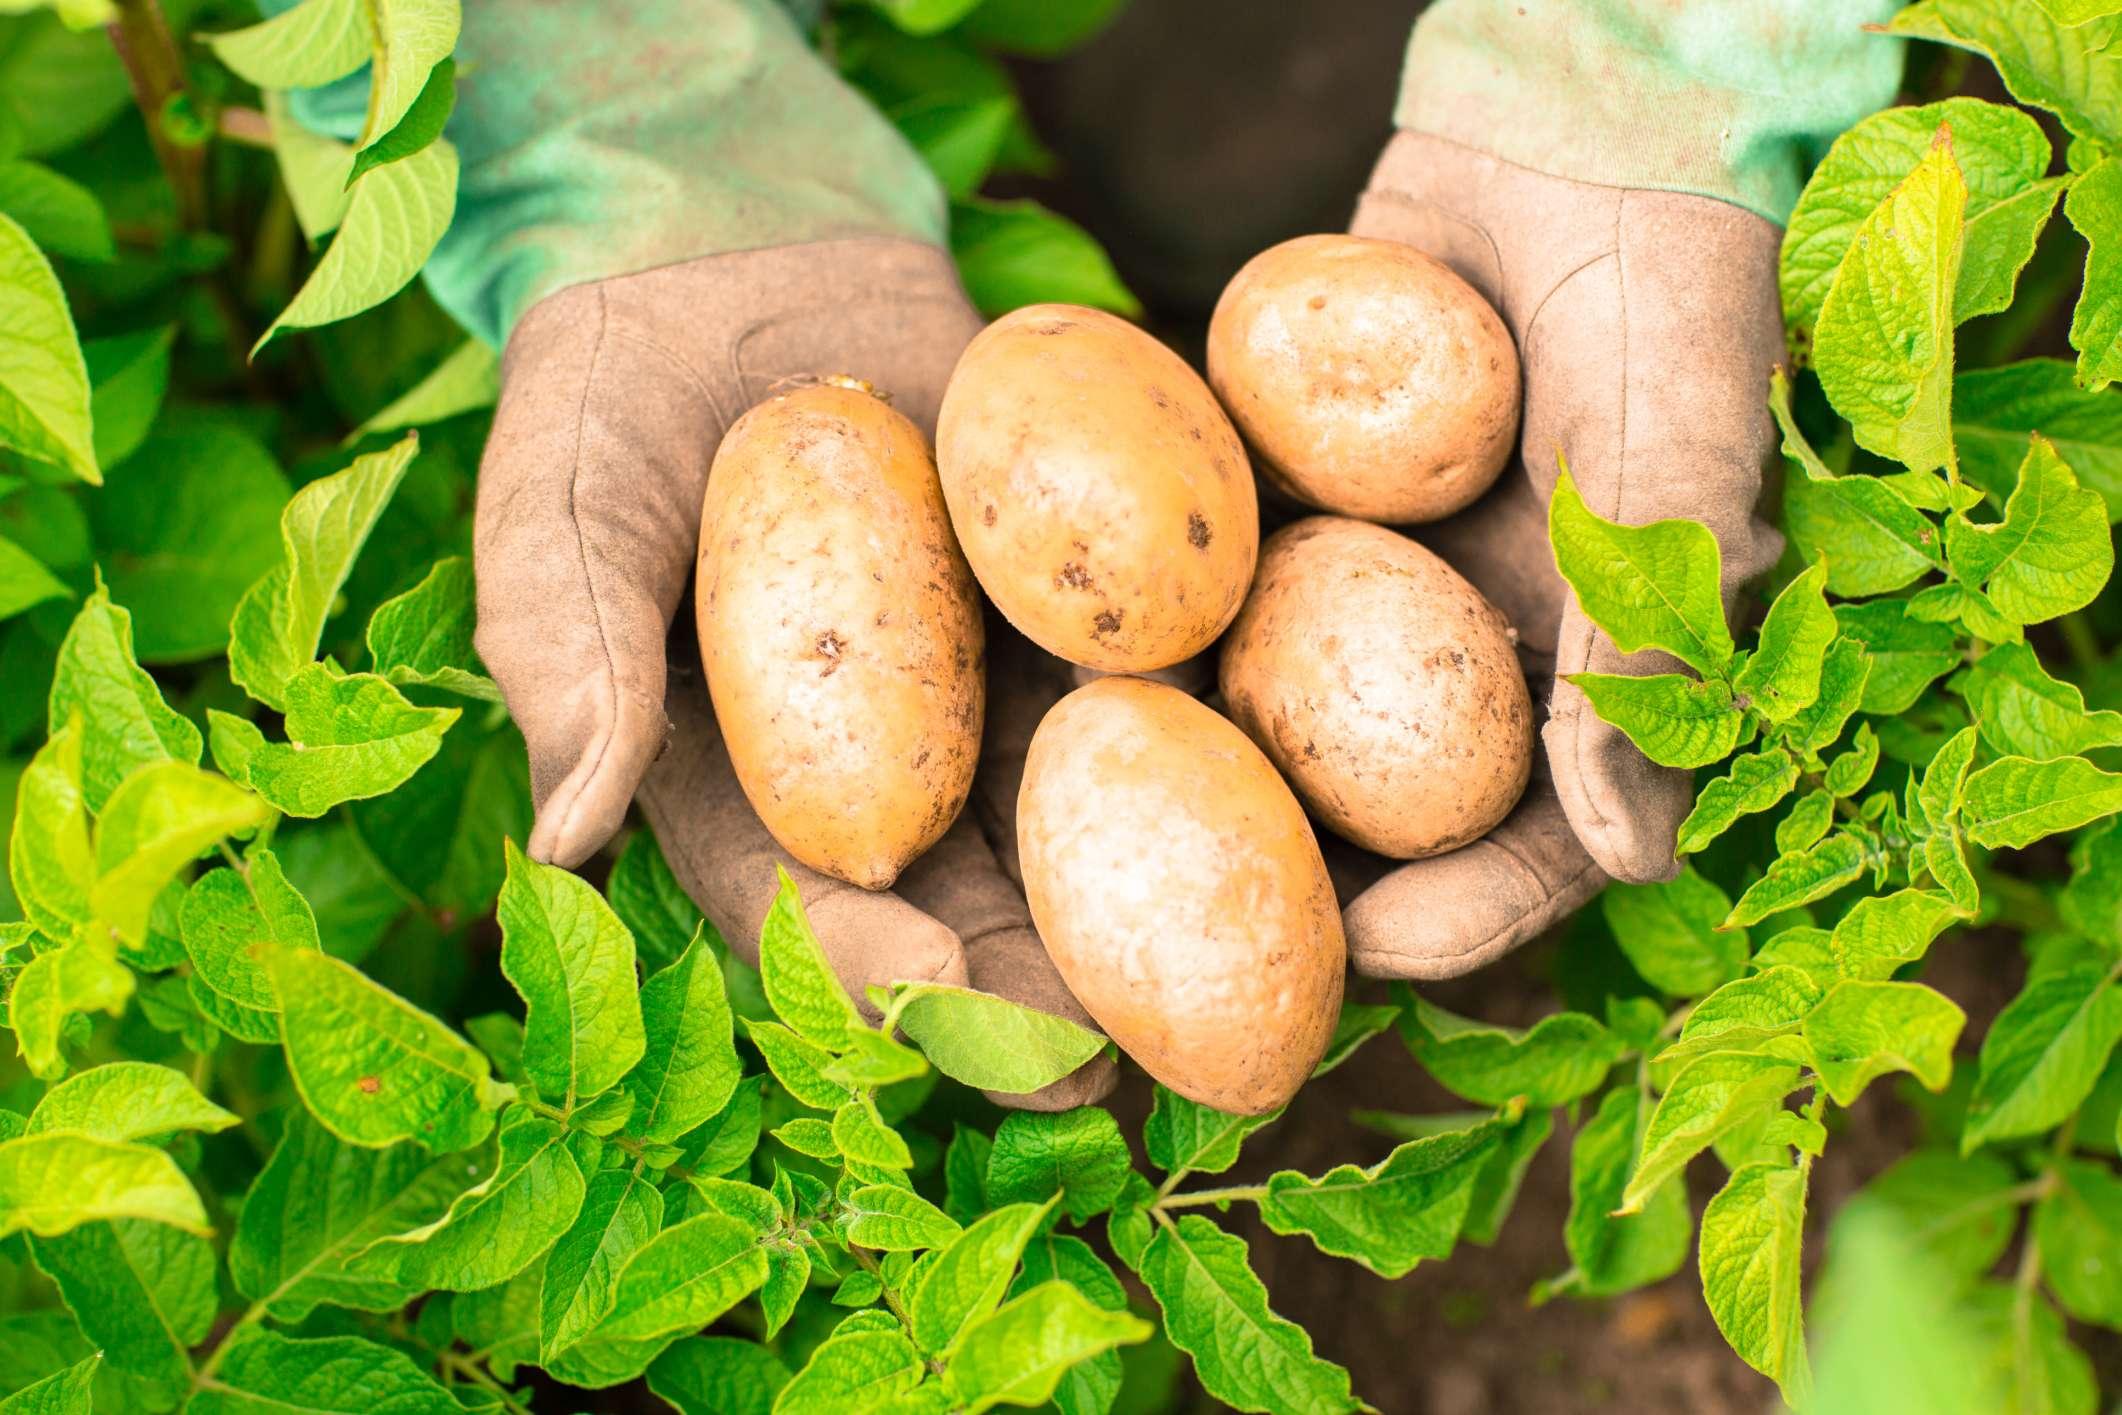 Описание и характеристики сорта картофеля Голубизна, выращивание и уход